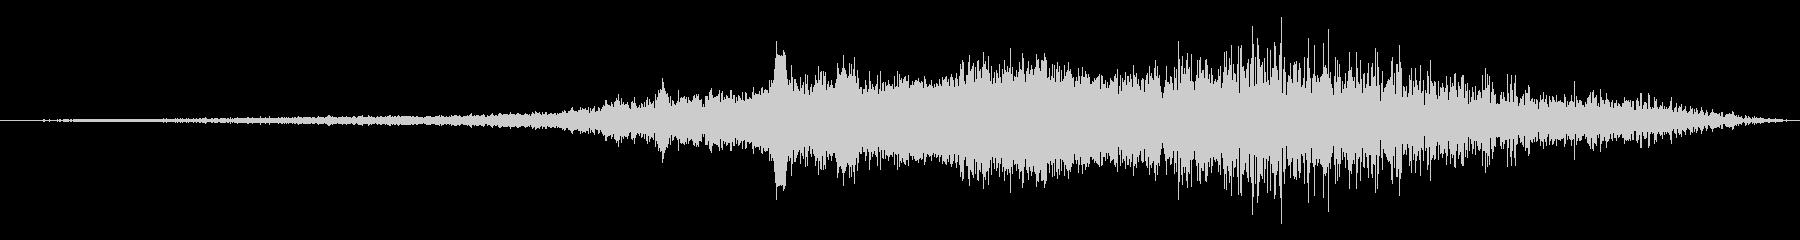 C-141スターリフター:EXT:...の未再生の波形